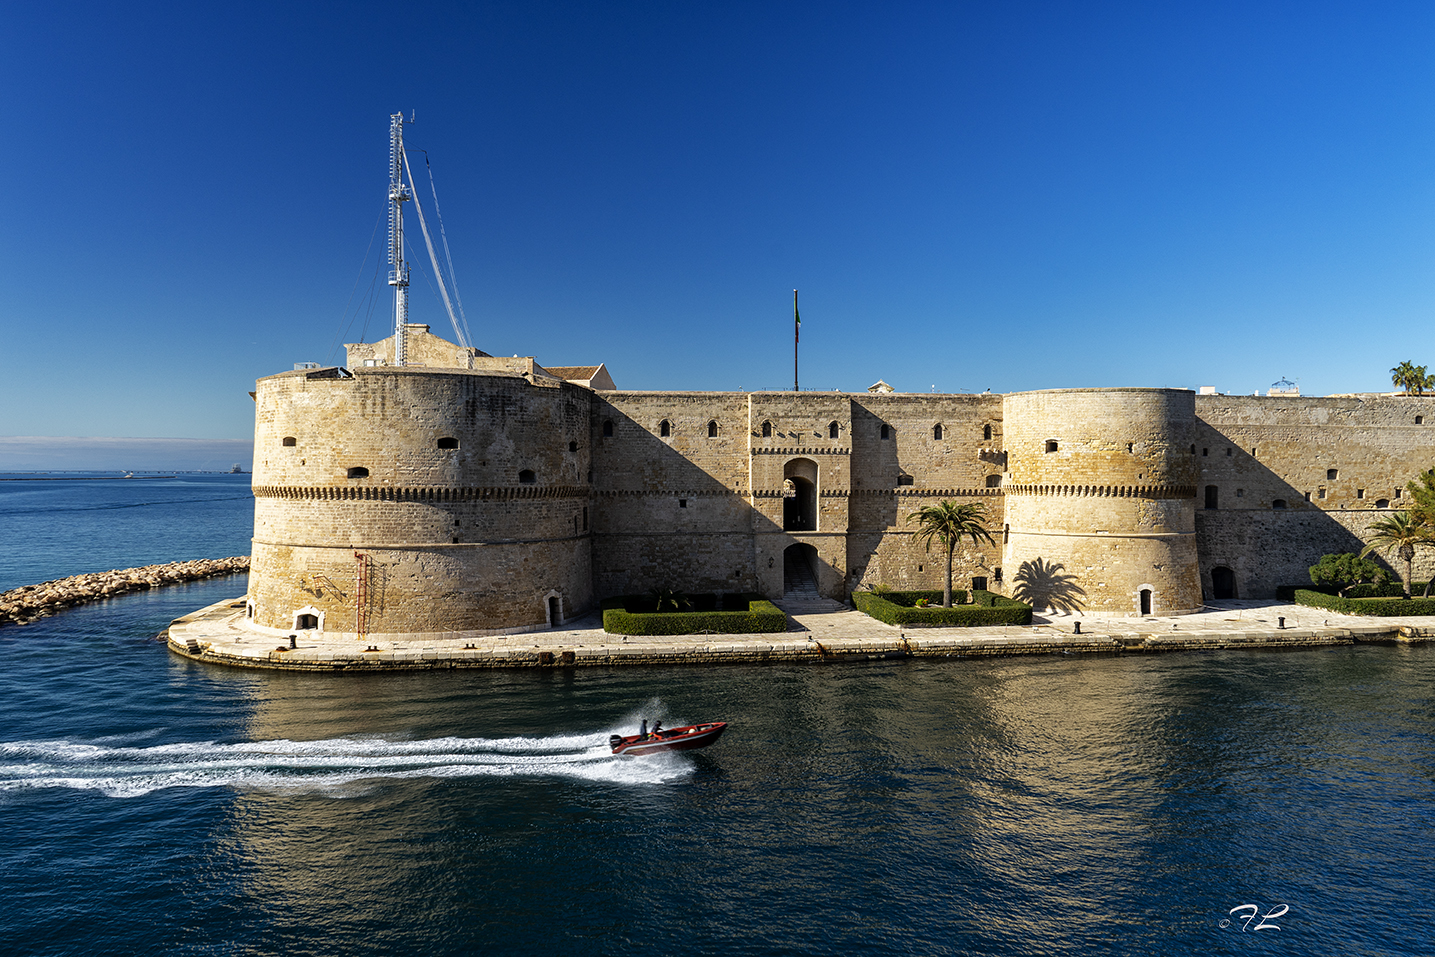 CASTELLO ARAGNESE - Il castello aragonese (o castel Sant'Angelo), con la sua pianta quadrangolare e il vasto cortile centrale, occupa l'estremo angolo dell'isola su cui sorge il borgo antico della città di Taranto.